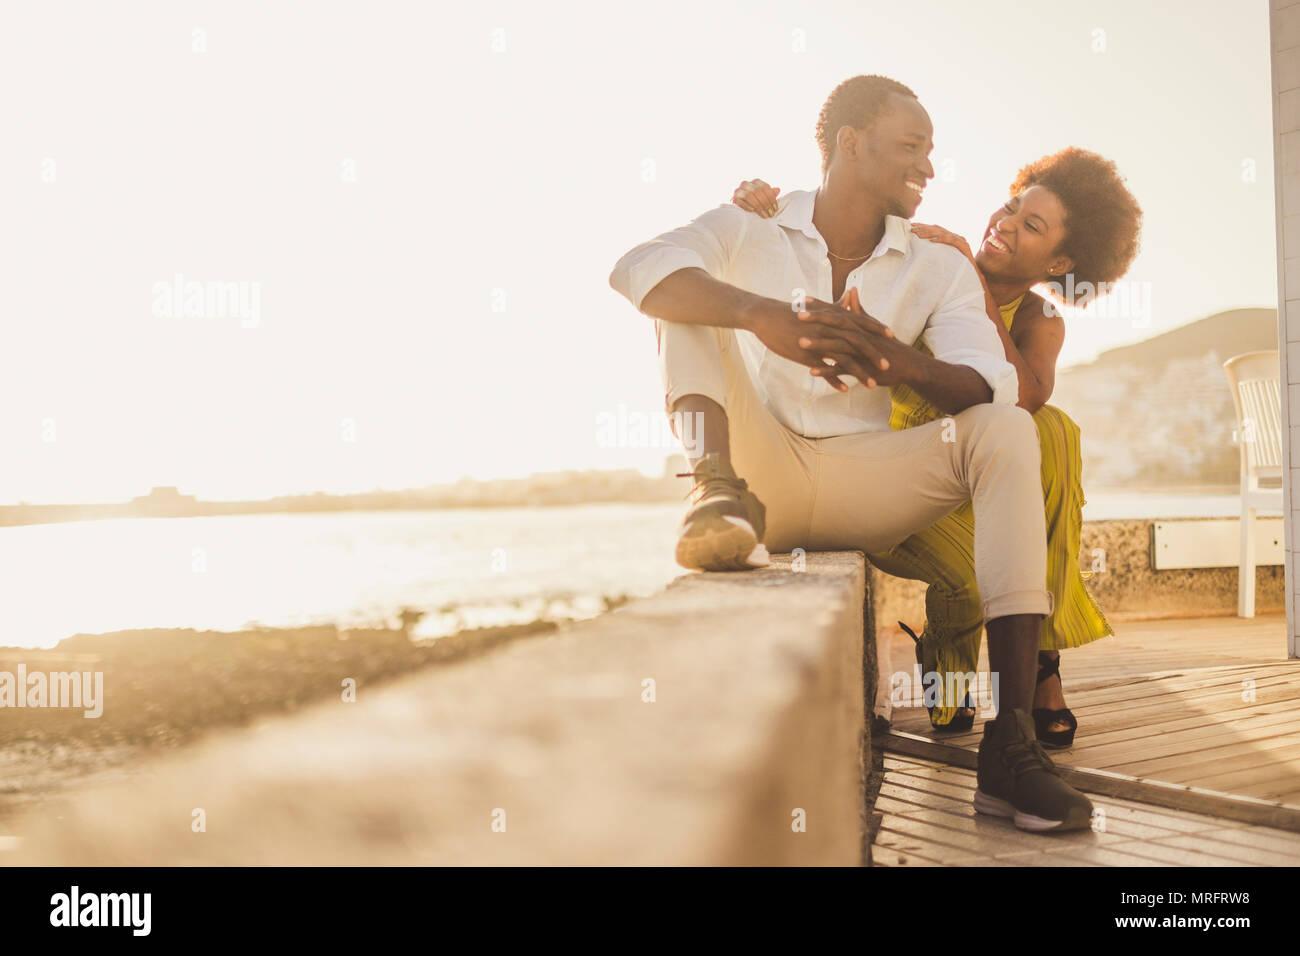 Bella gara nera africana di coppia in amore e vacanze sedersi godendo insieme con grandi sorrisi e ridere. abiti casual come stile di moda con Immagini Stock